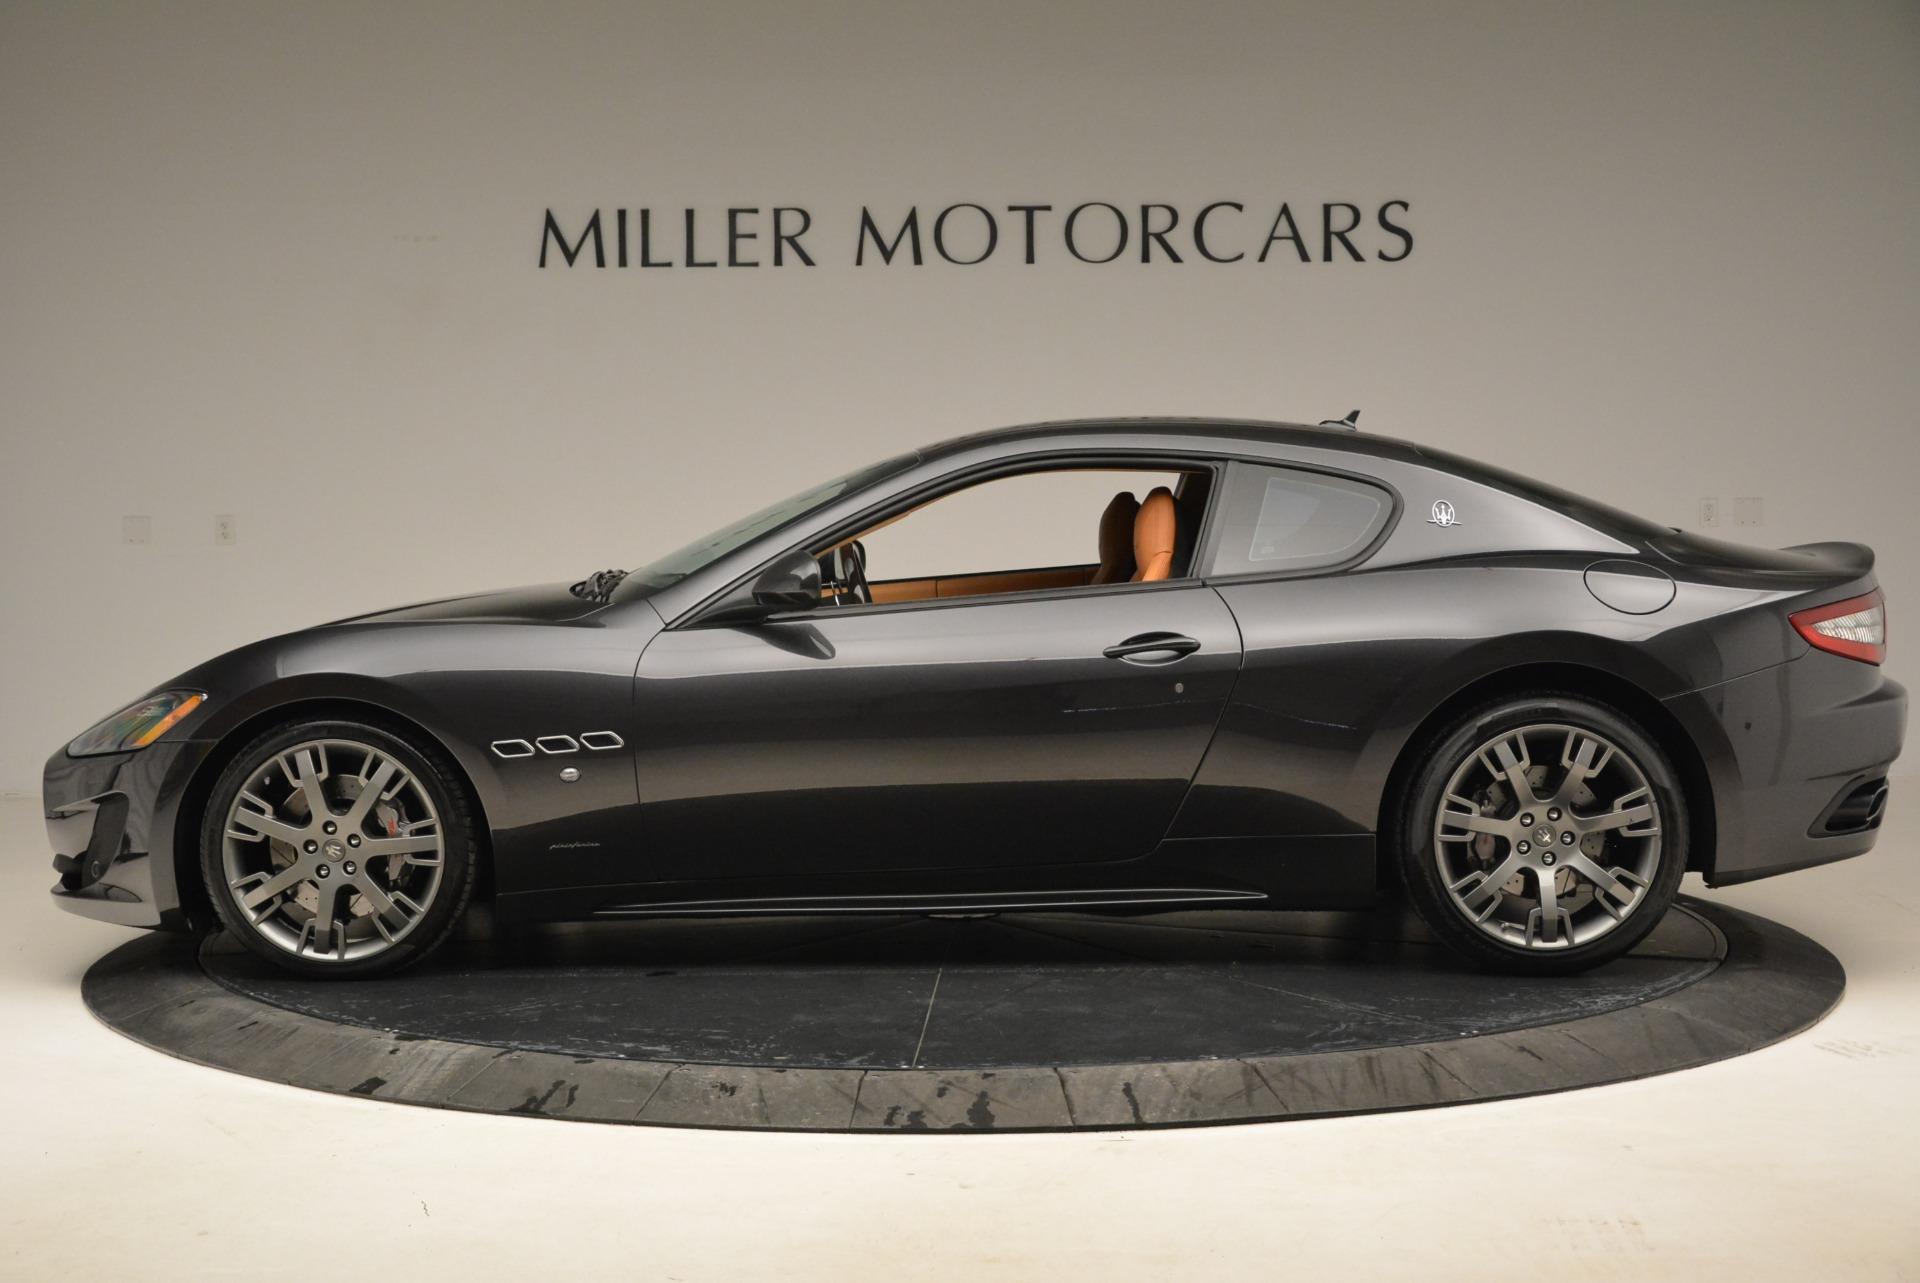 Used 2014 Maserati GranTurismo Sport For Sale In Greenwich, CT 2067_p2